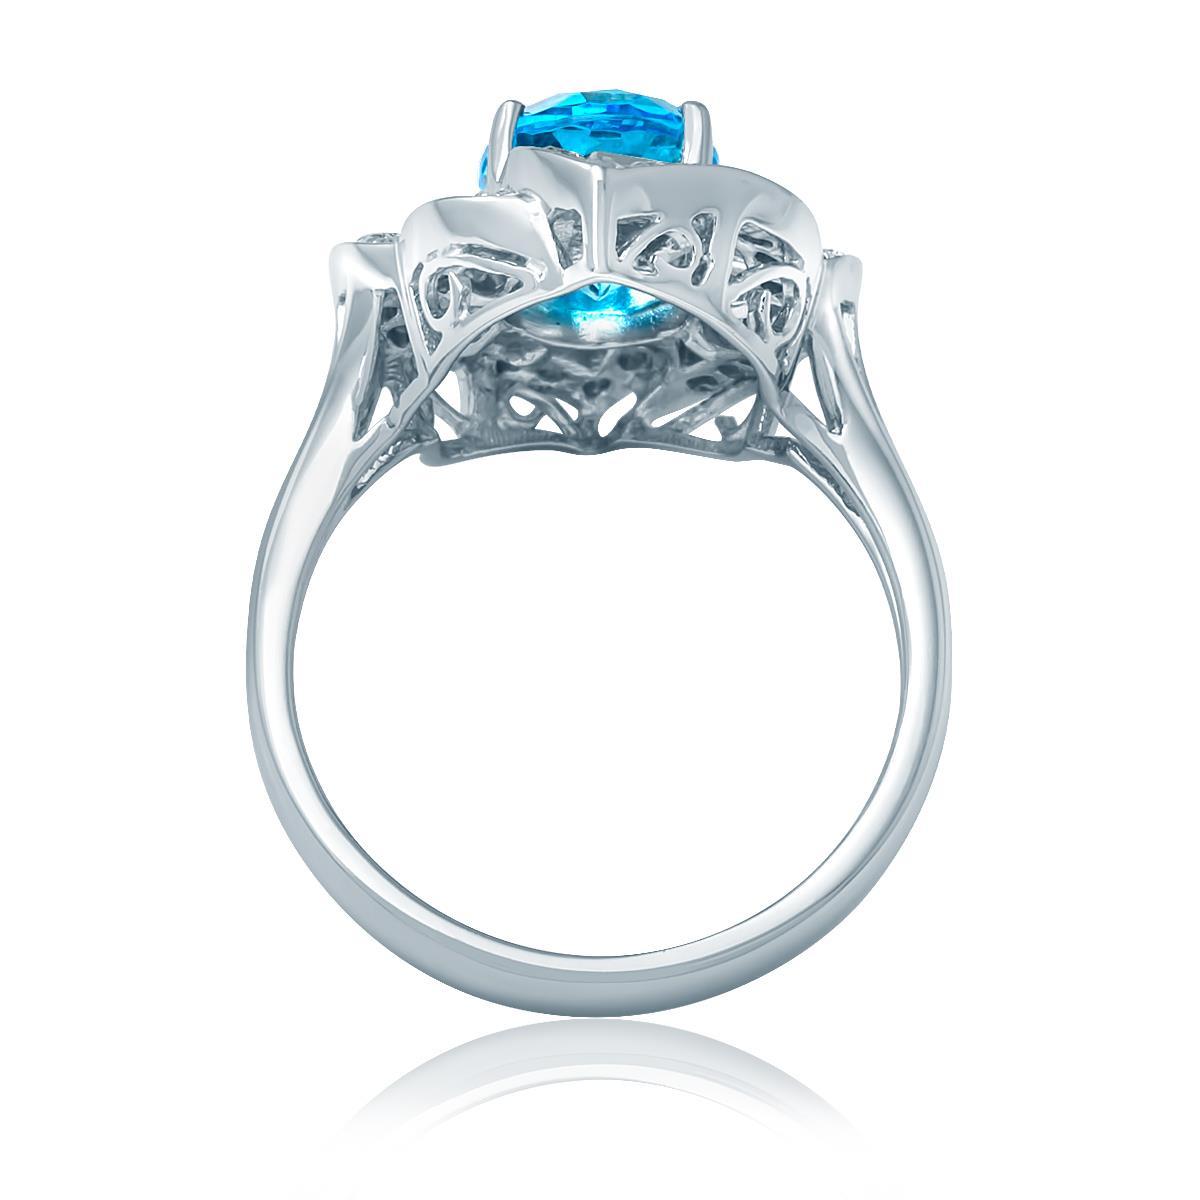 Anel com Topázio Azul central de 3,6 Cts e Diamantes, em Ouro Branco eb5a67aff0